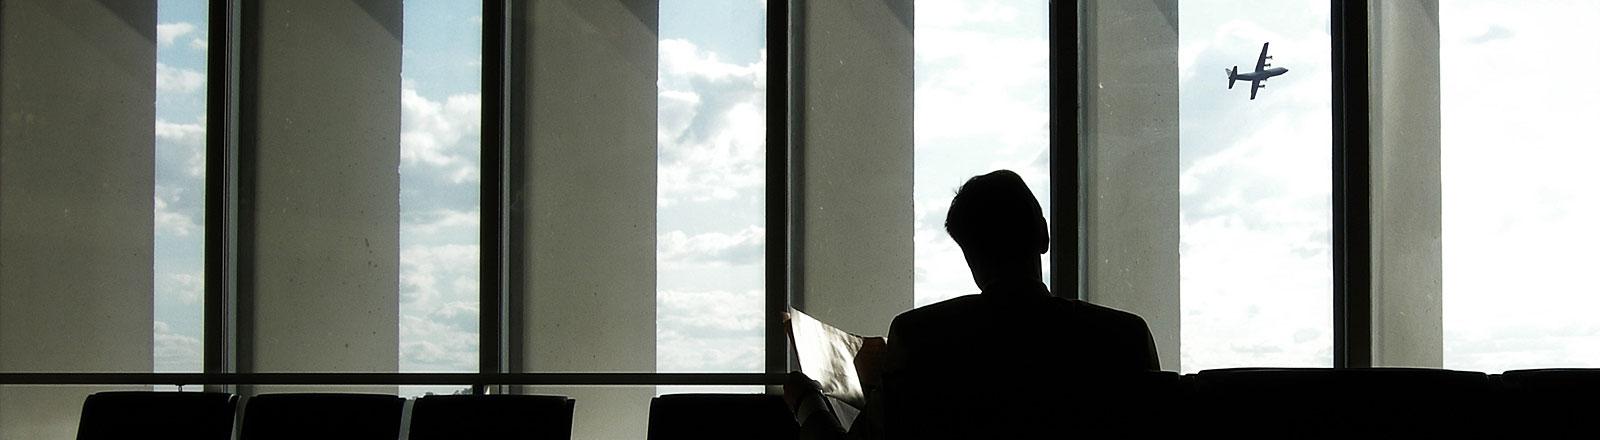 Ein Mann liest am Flughafen Zeitung, im Hintergrund startet ein Flugzeug.